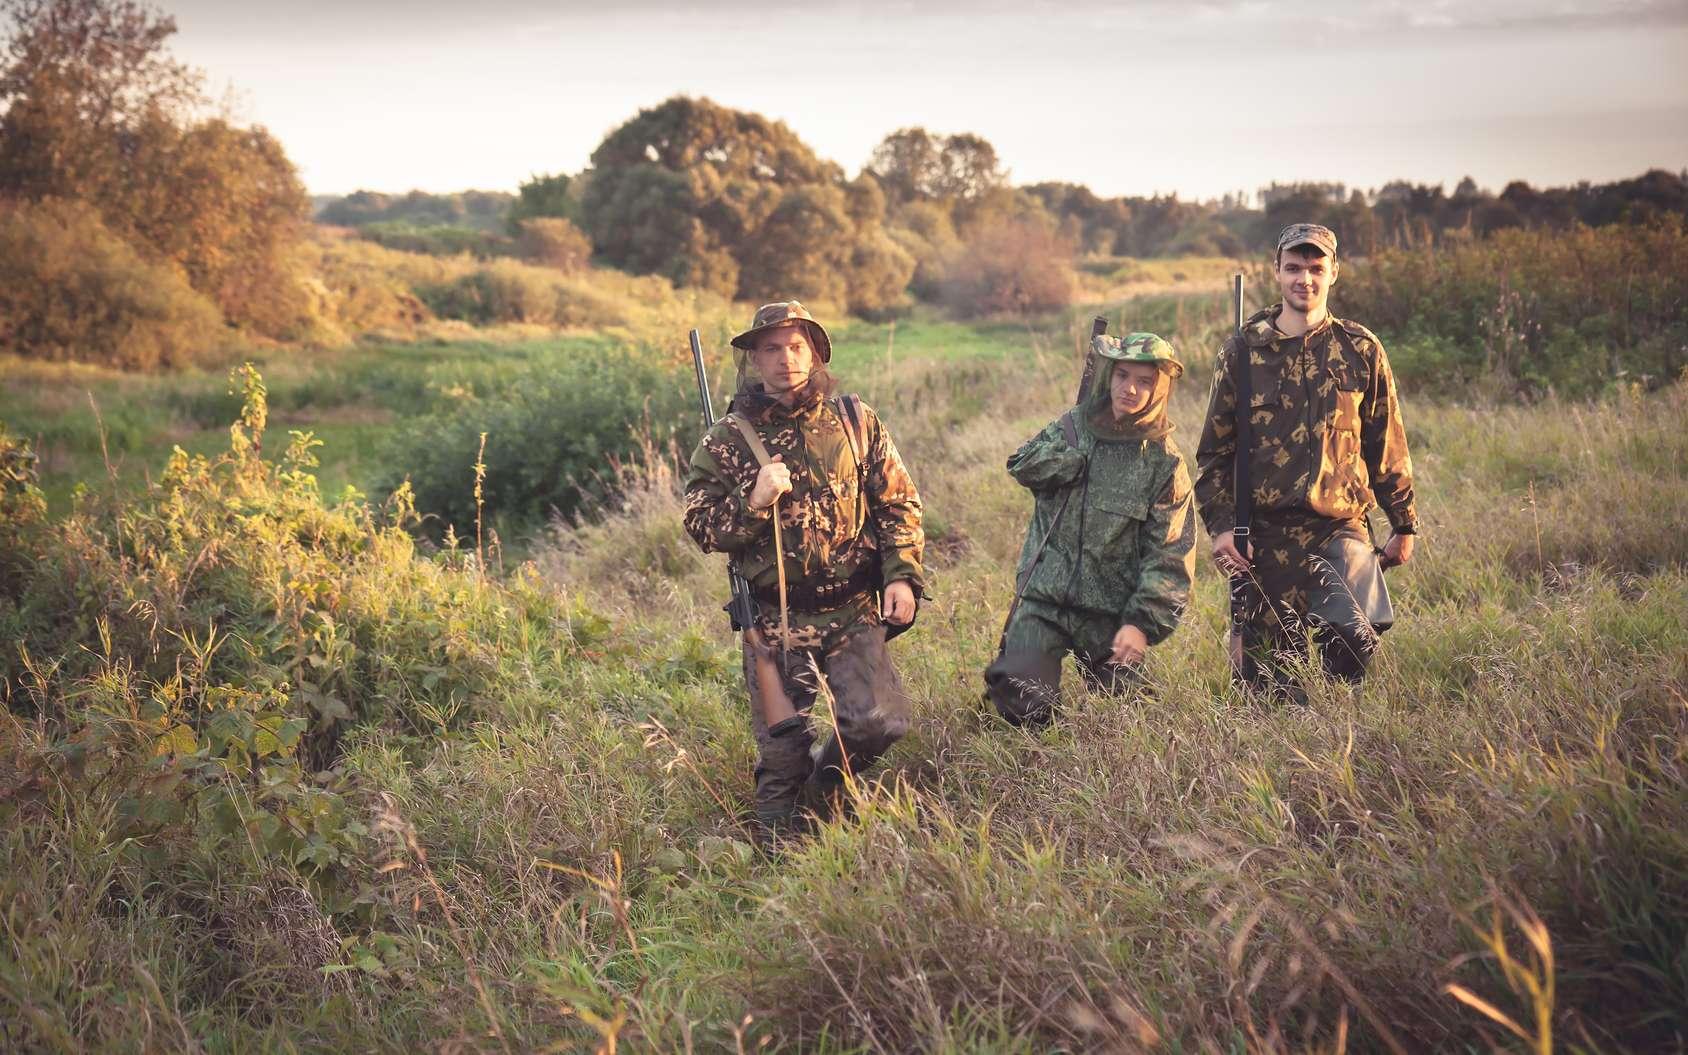 Comment randonner en toute sécurité pendant les périodes de chasse. © splendens, Fotolia